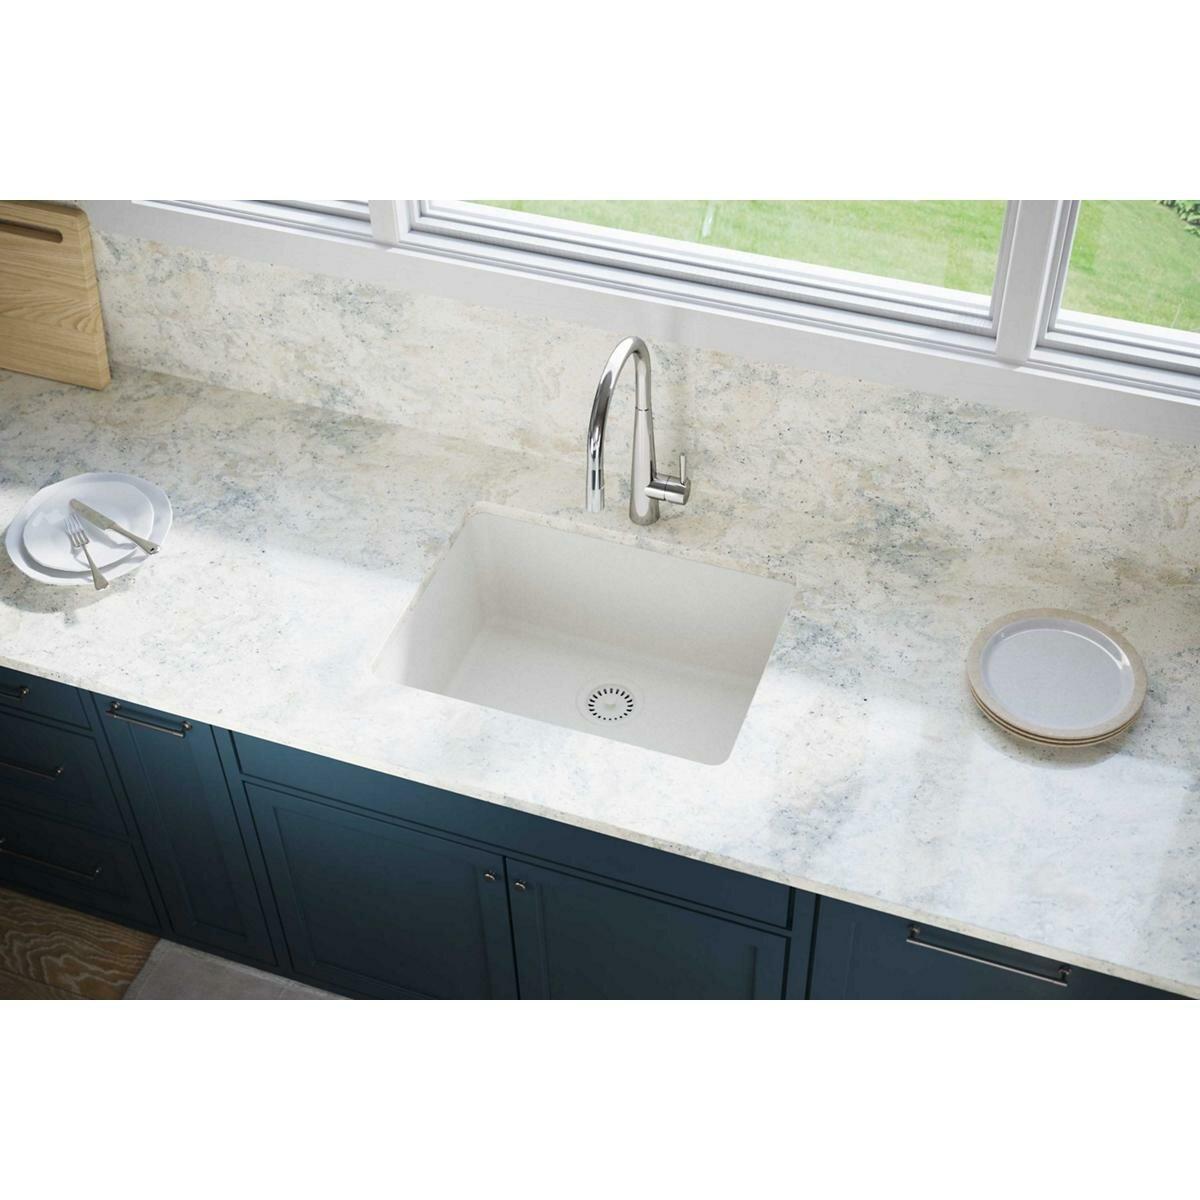 Elxu2522rt0 Quartz Luxe 25 L X 19 W Undermount Kitchen Sink